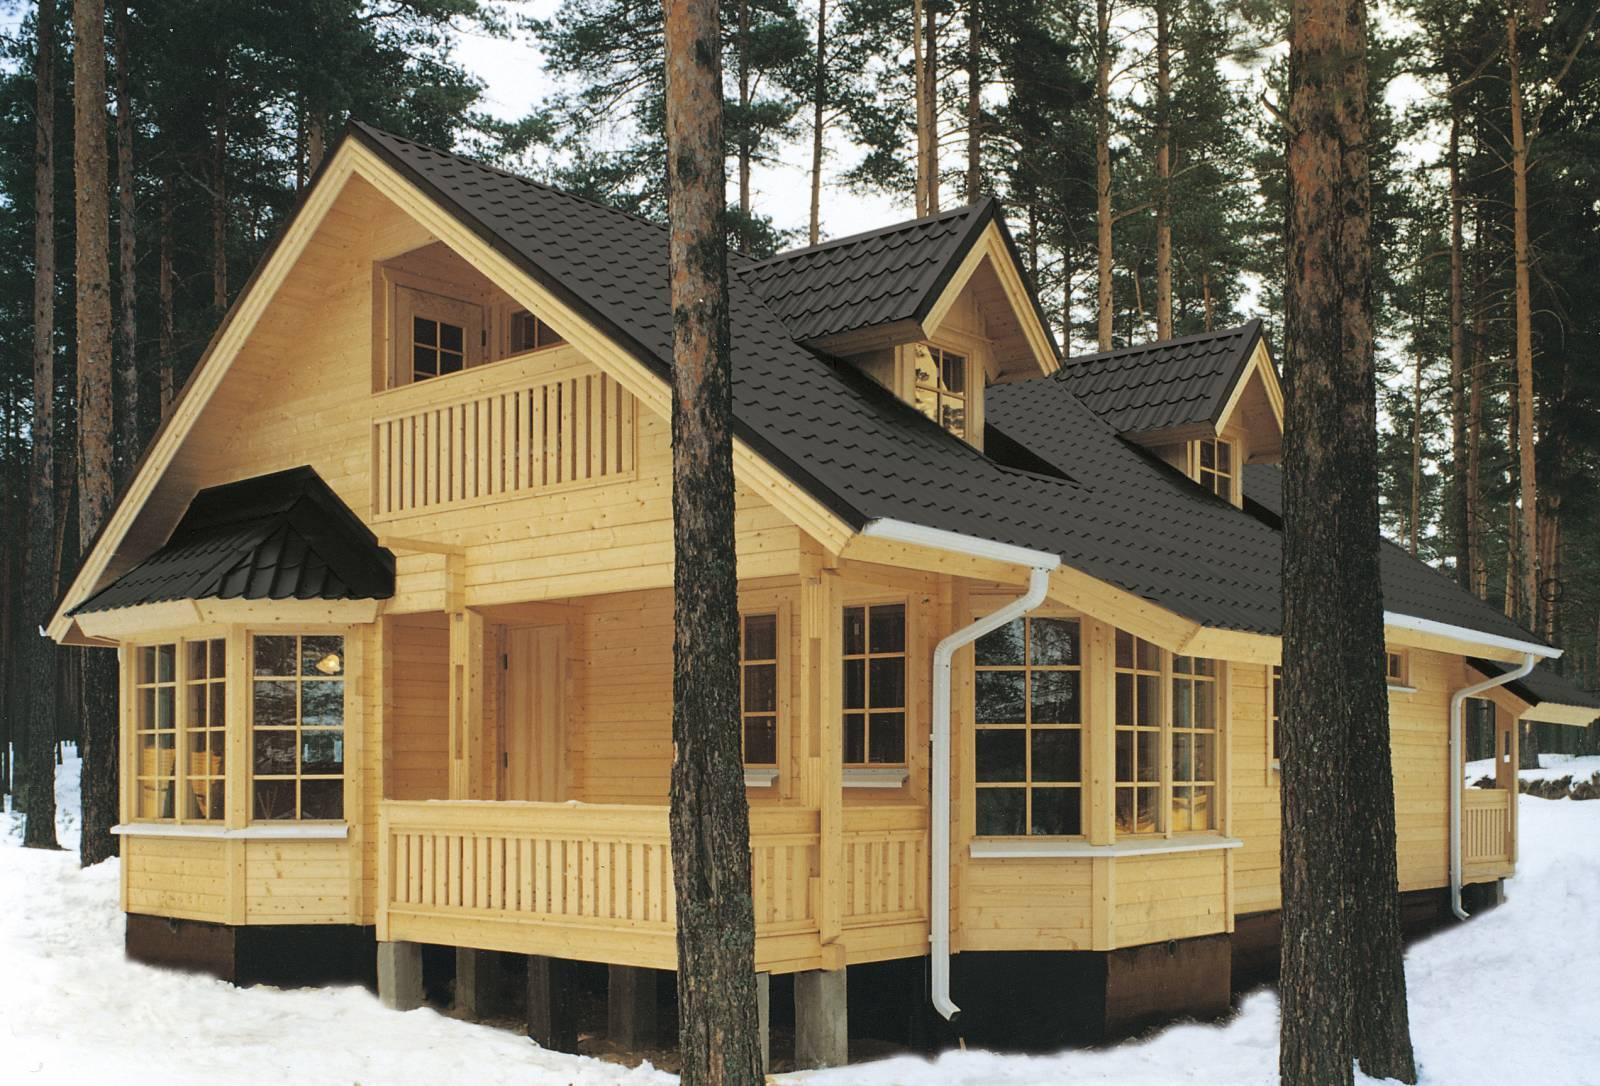 дом из светлого дерева с черной крышей